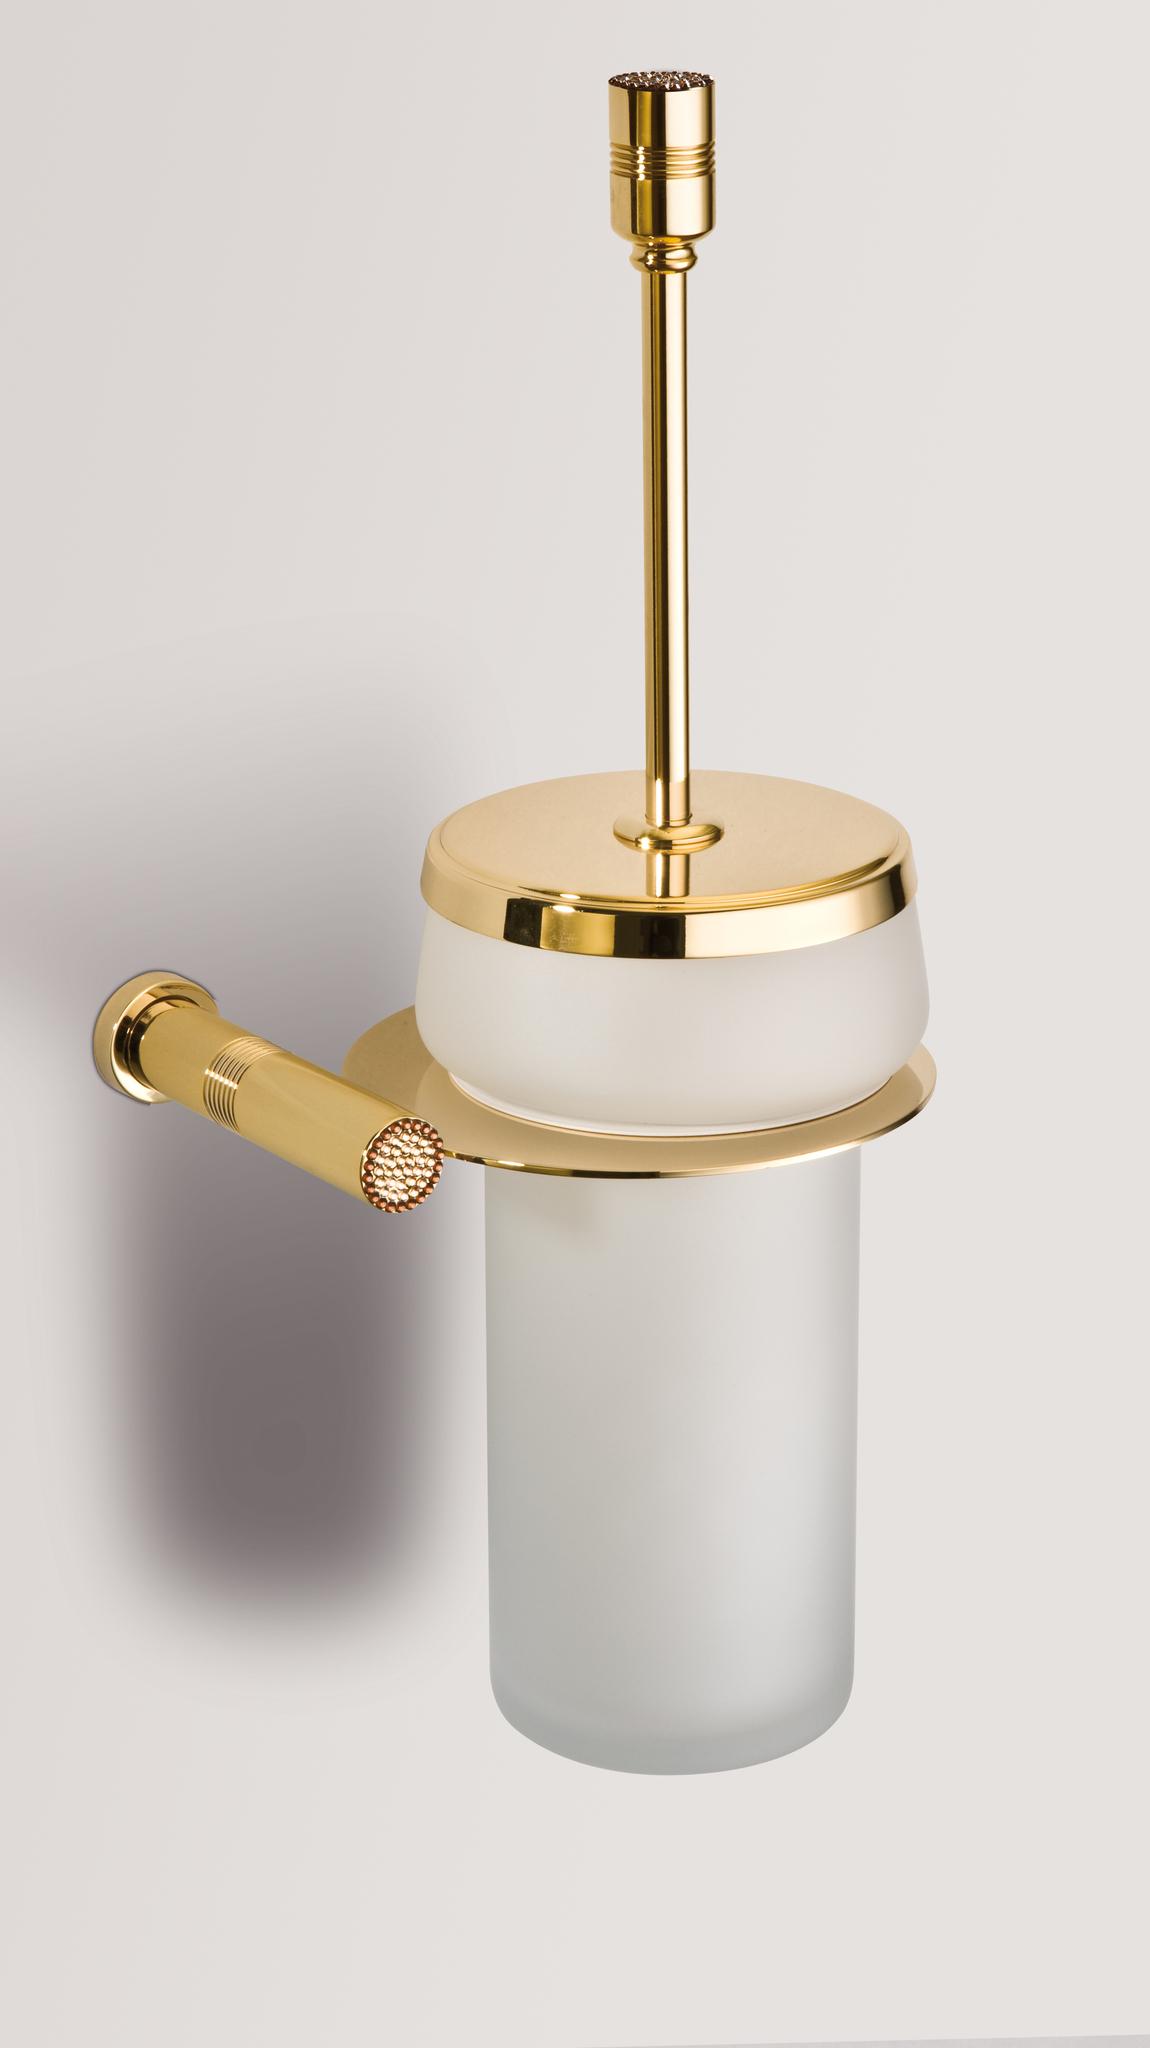 Ершики для туалета Ершик настенный 89160O Starlight от Windisch ershik-nastennyy-89160-starlight-ot-windisch-ispaniya.jpg